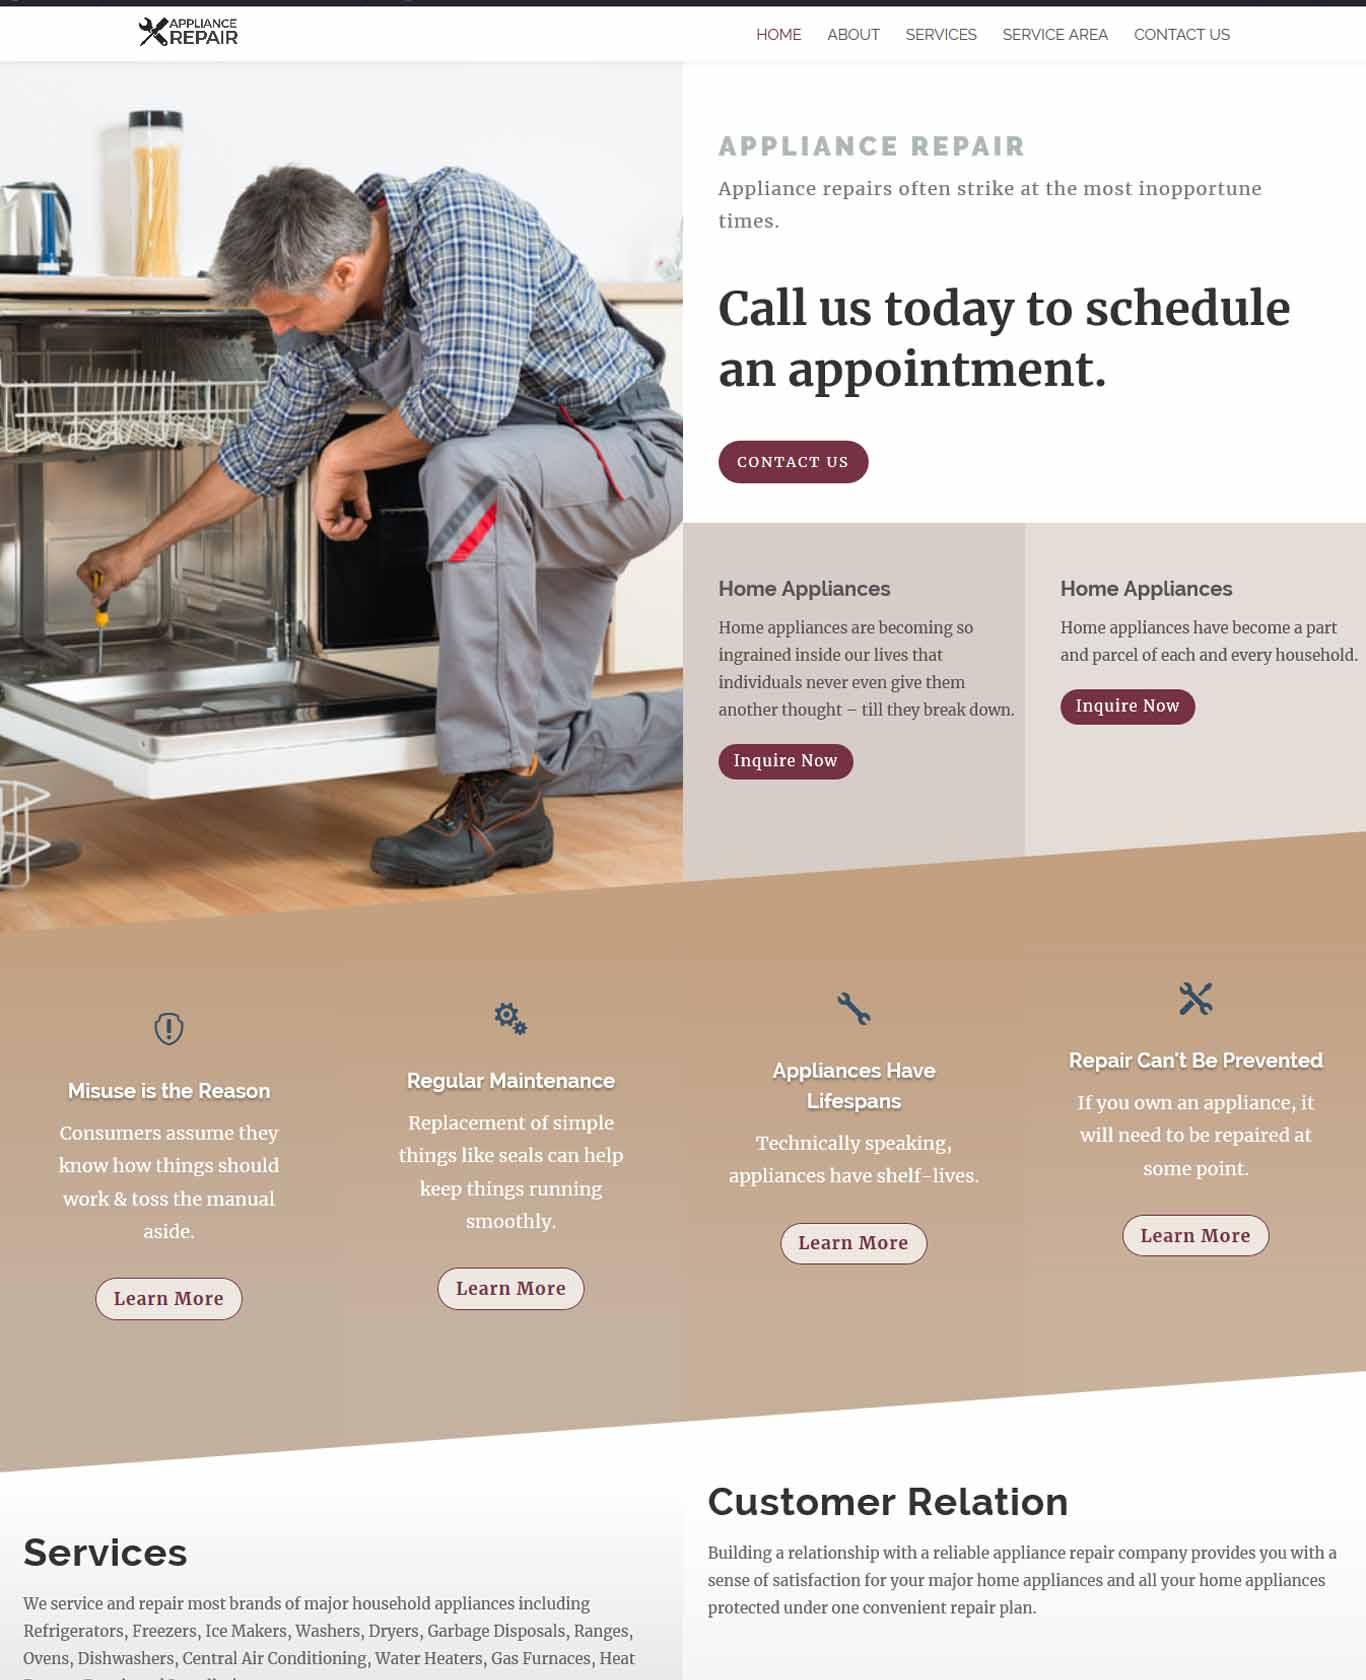 Prestige Appliance Repair Websites